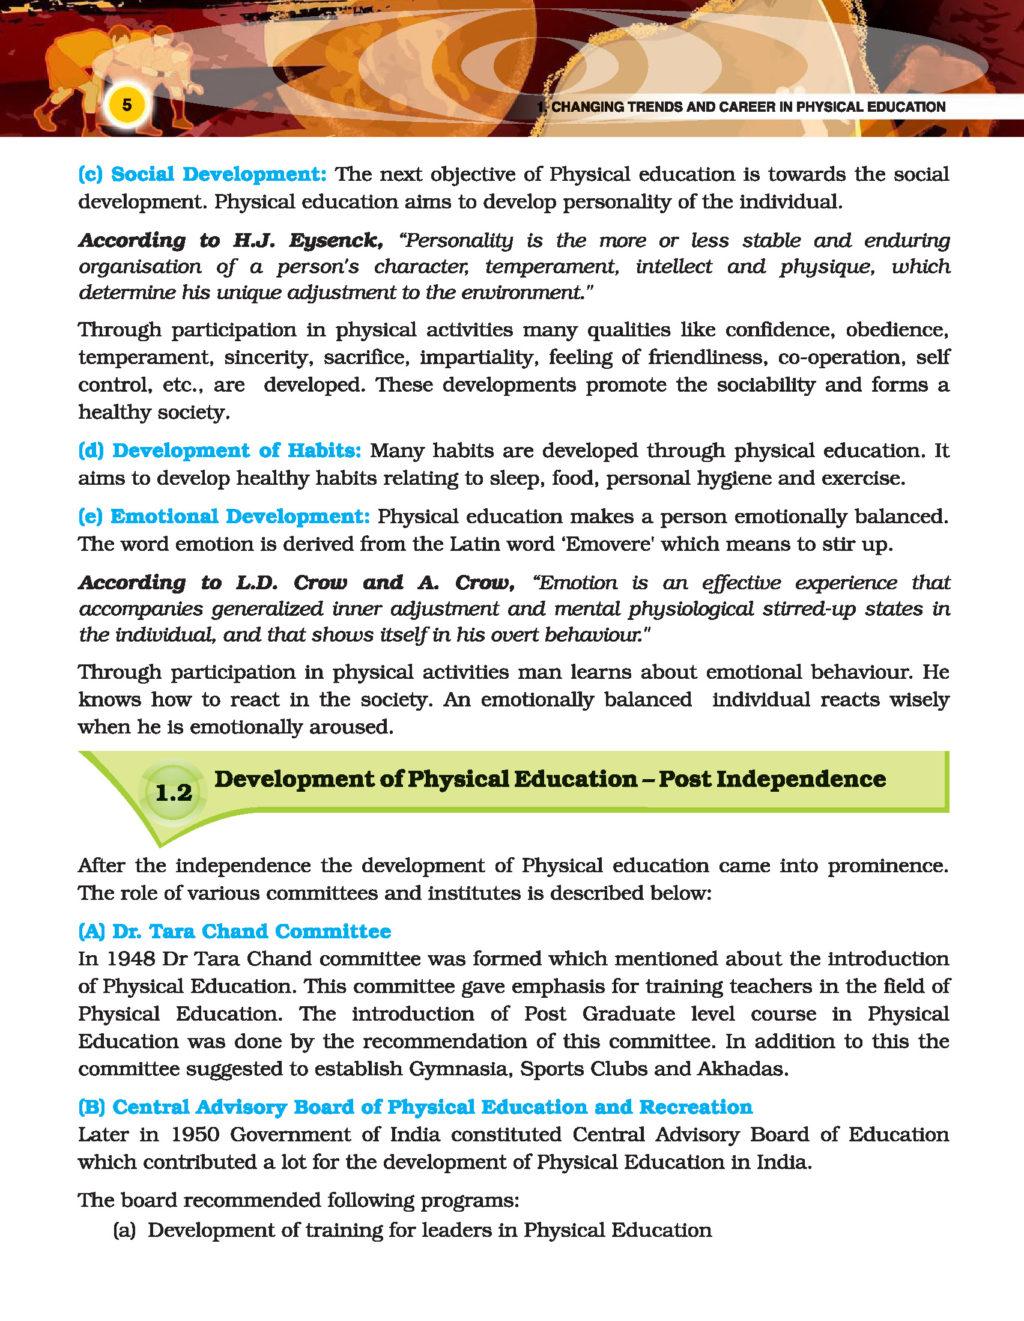 https://vishvasbook.com/wp-content/uploads/2016/09/Physical-Education_ebook_11_Page_15-1024x1321.jpg